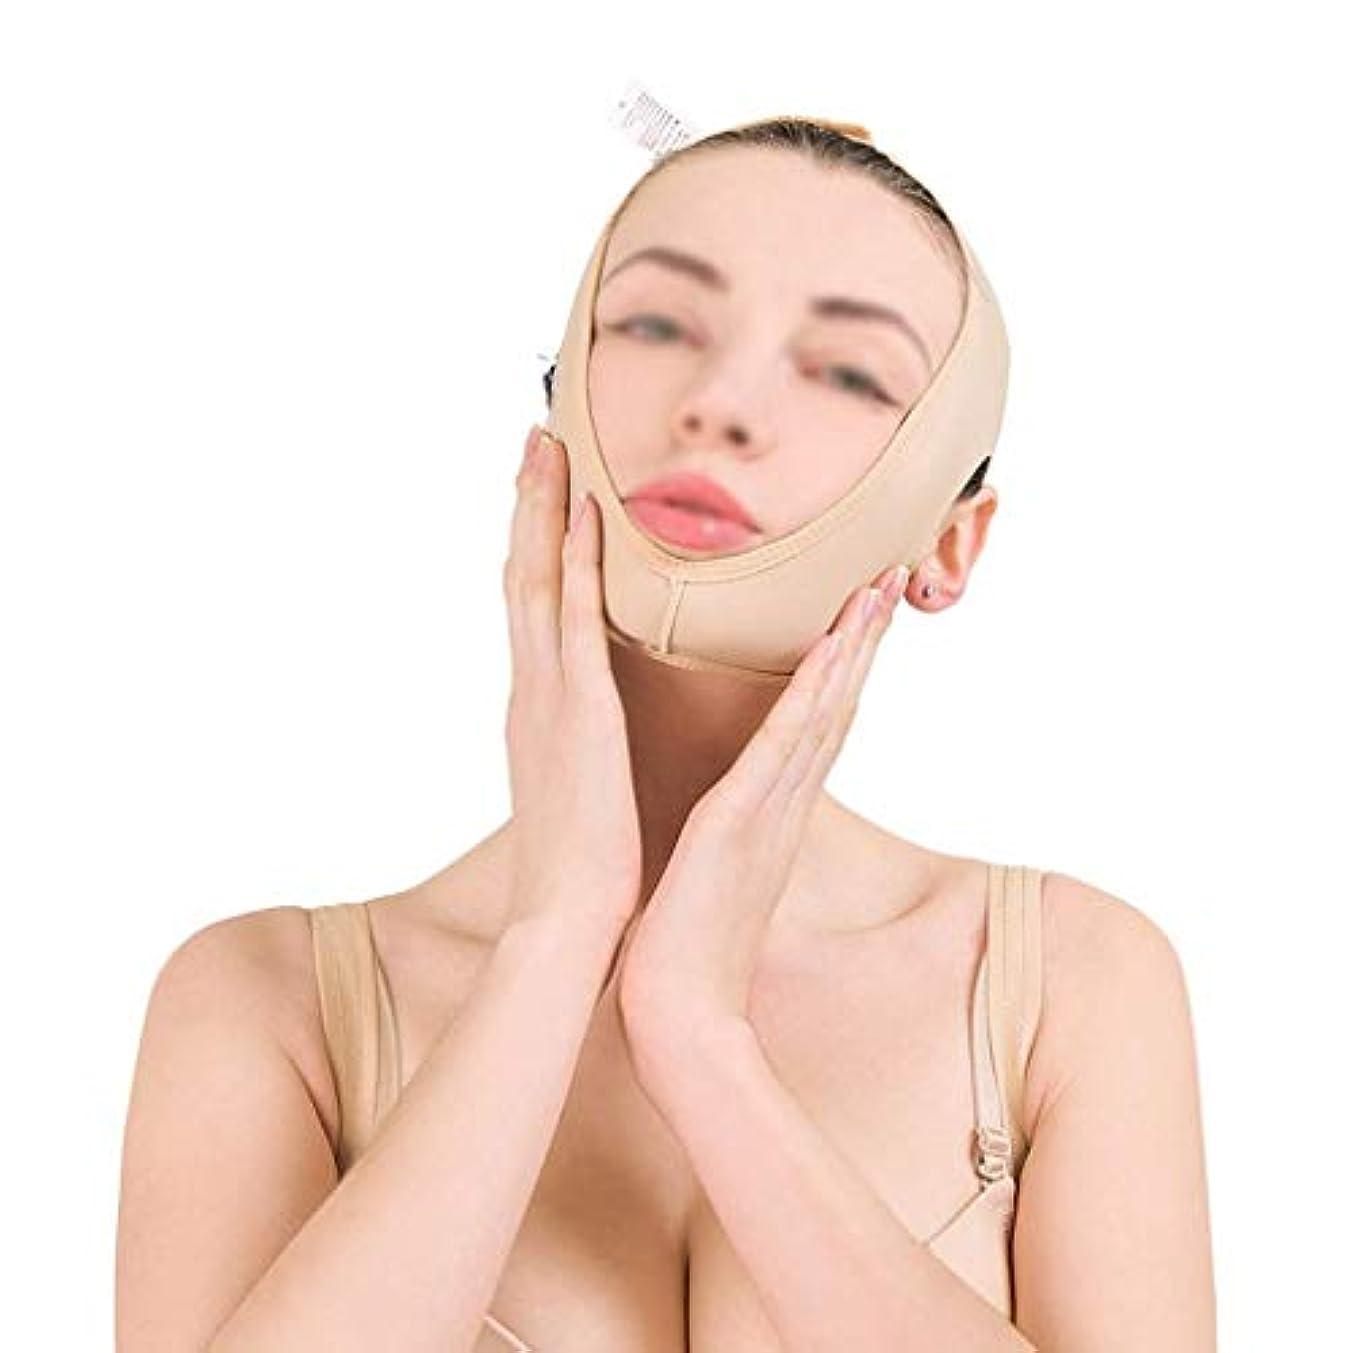 四半期時制悔い改めマスク減量、肌の包帯を引き締めるリフティングフェイスバンド、フェイスリフティング、ダブルチンビューティバンデージ、フェイスリフト(サイズ:L),M